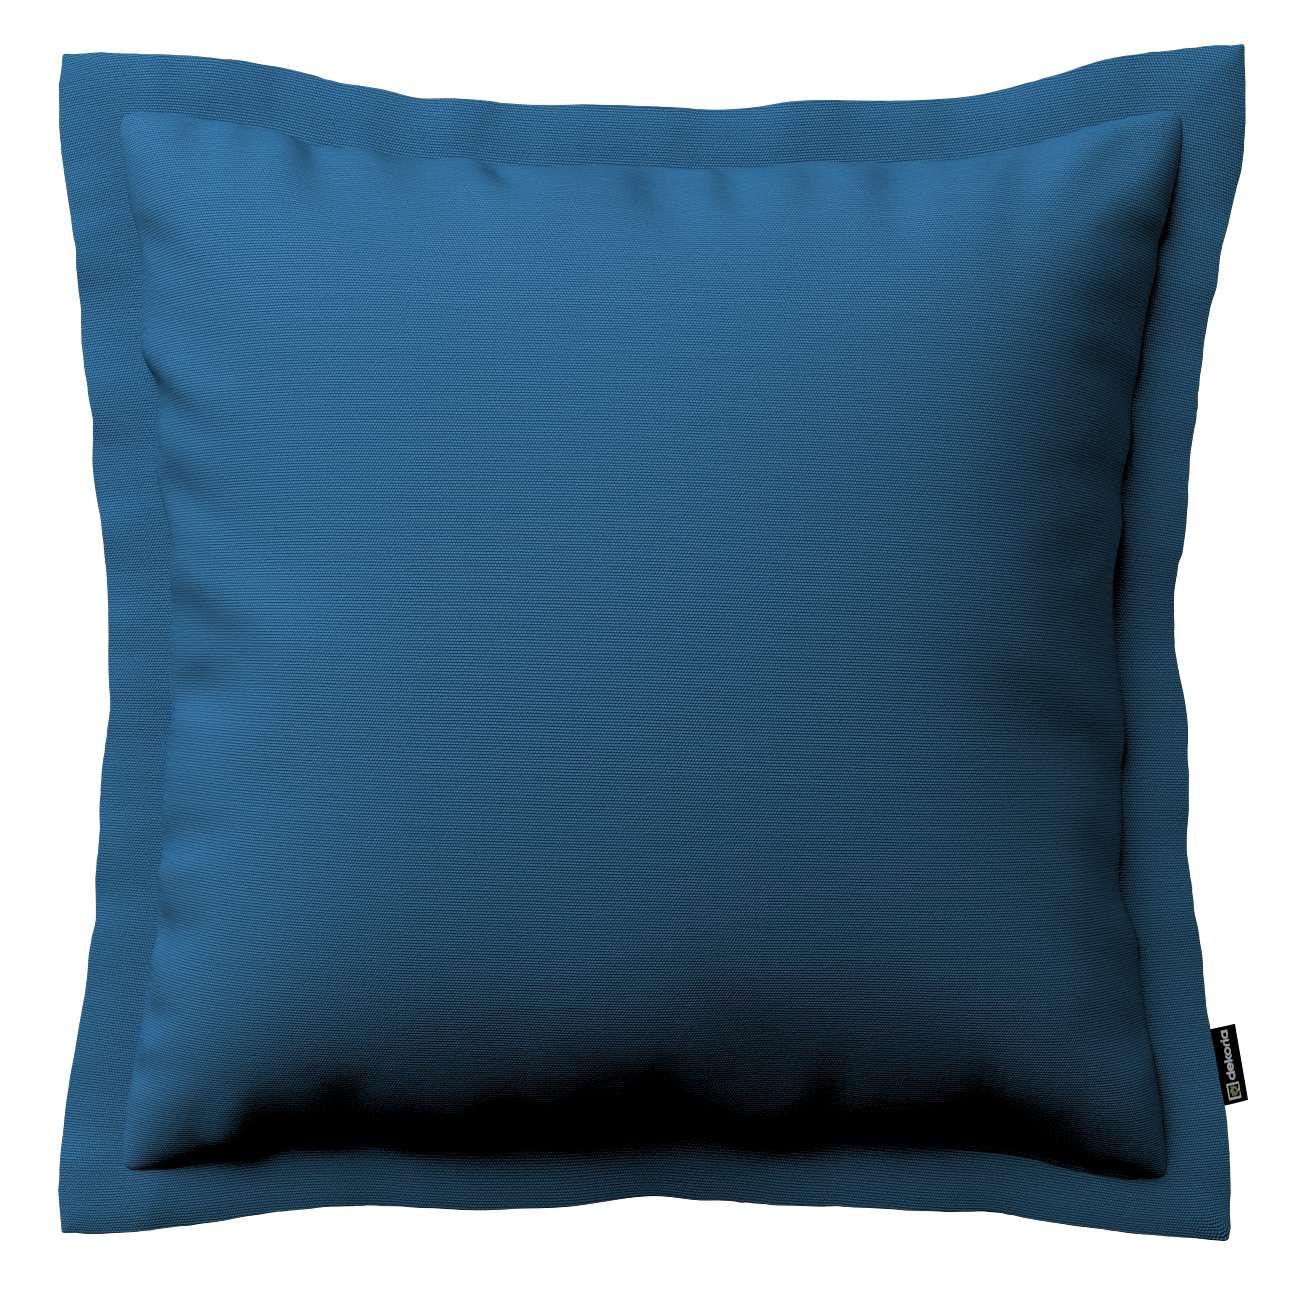 Mona dekoratyvinių pagalvėlių užvalkalas su sienele 45 x 45cm kolekcijoje Cotton Panama, audinys: 702-30